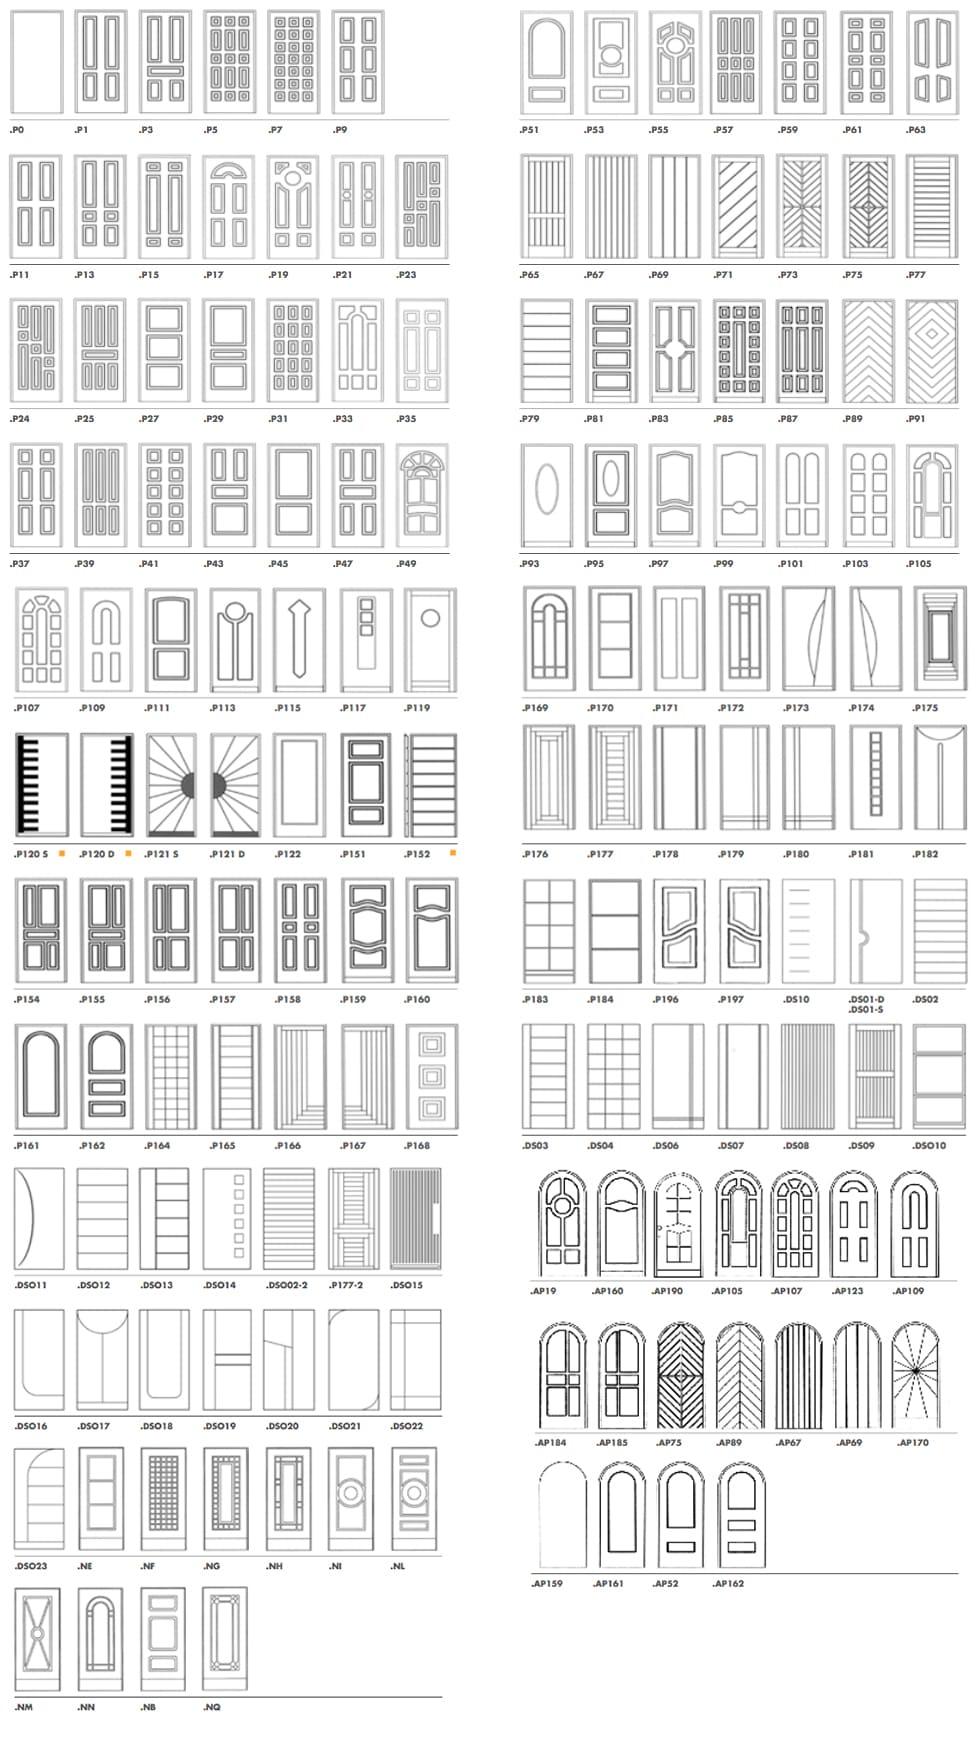 disegni pannelli porte blindate